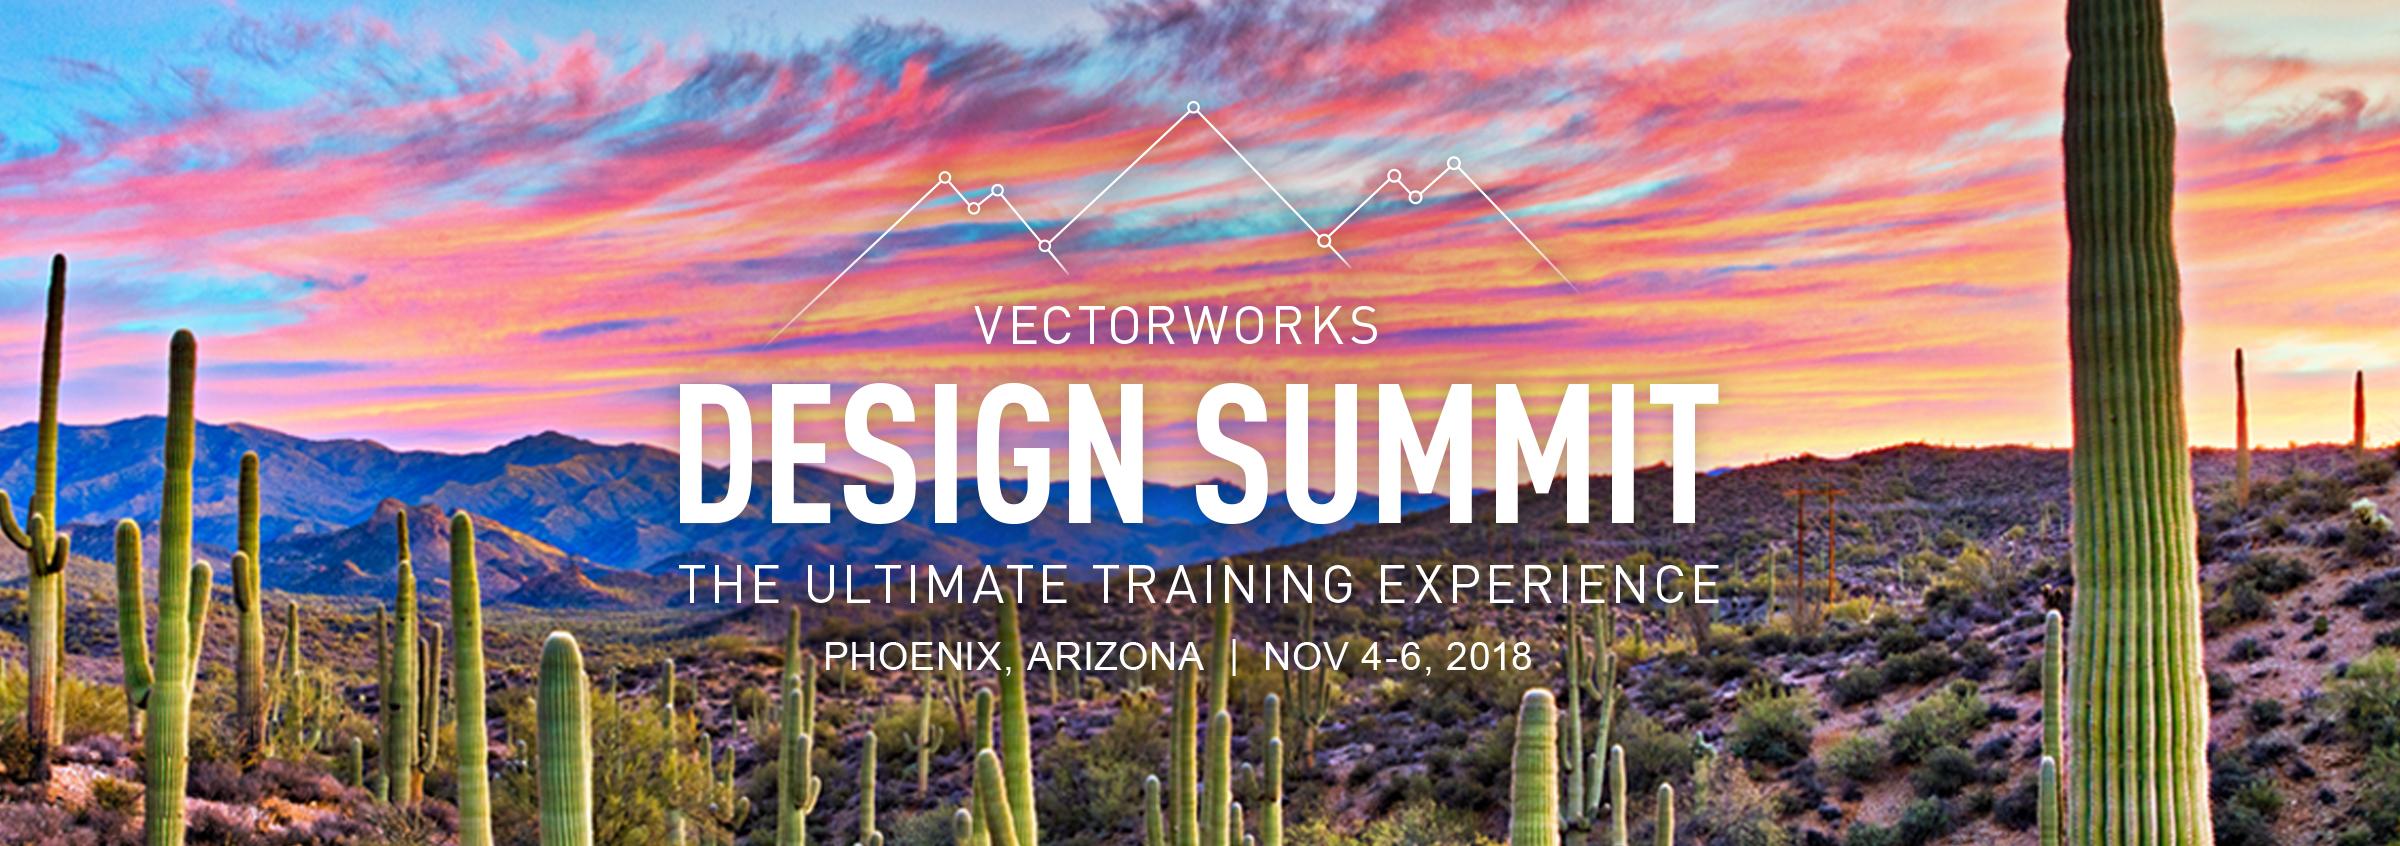 Vectorworks design summit 2018 vectorworks design summit november 4 6 2018 phoenix fandeluxe Images